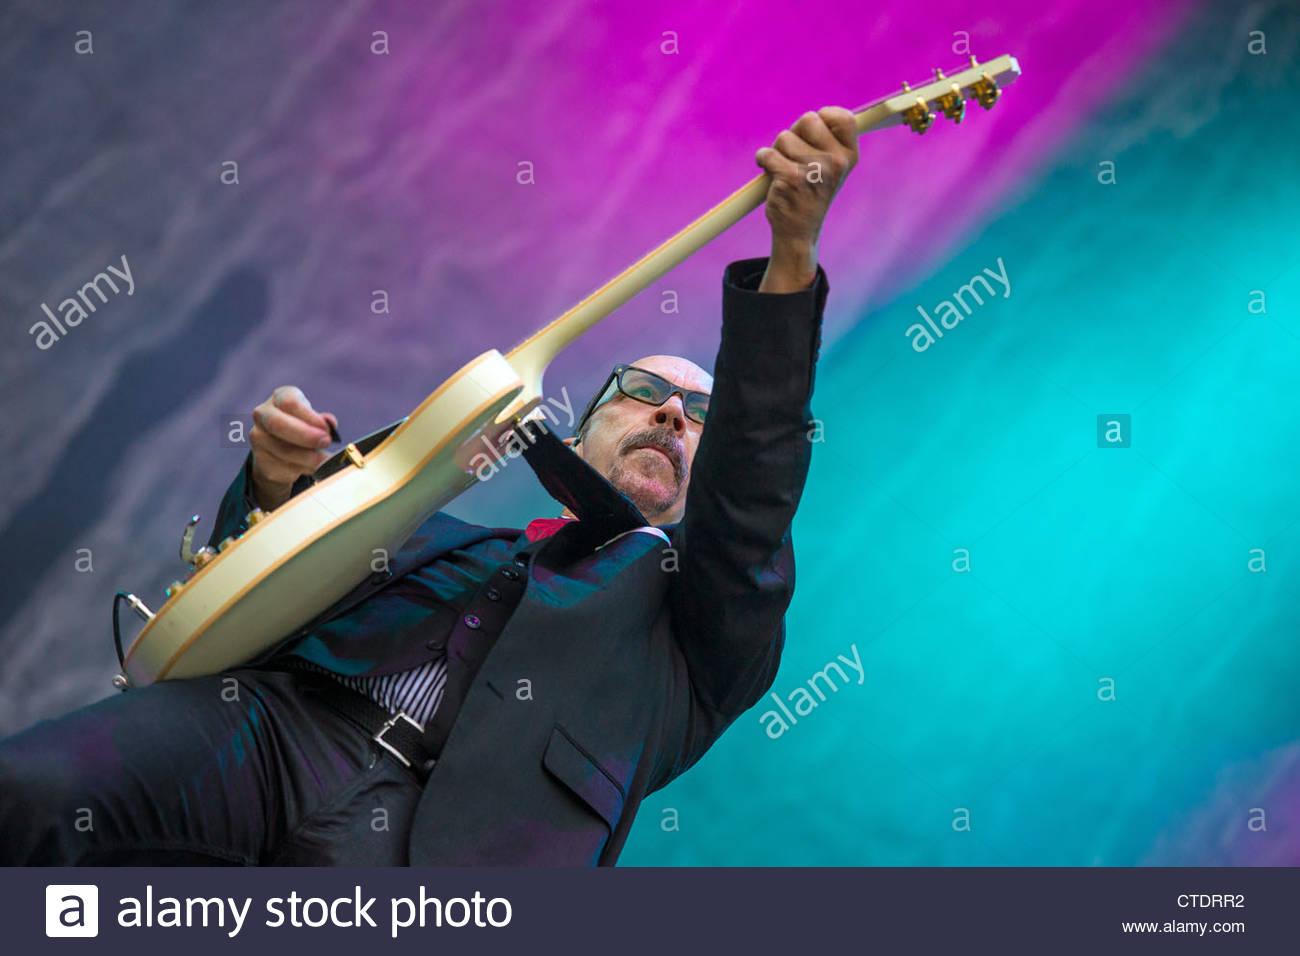 Garbage performing live : Douglas 'Duke' Erikson - Stock Image